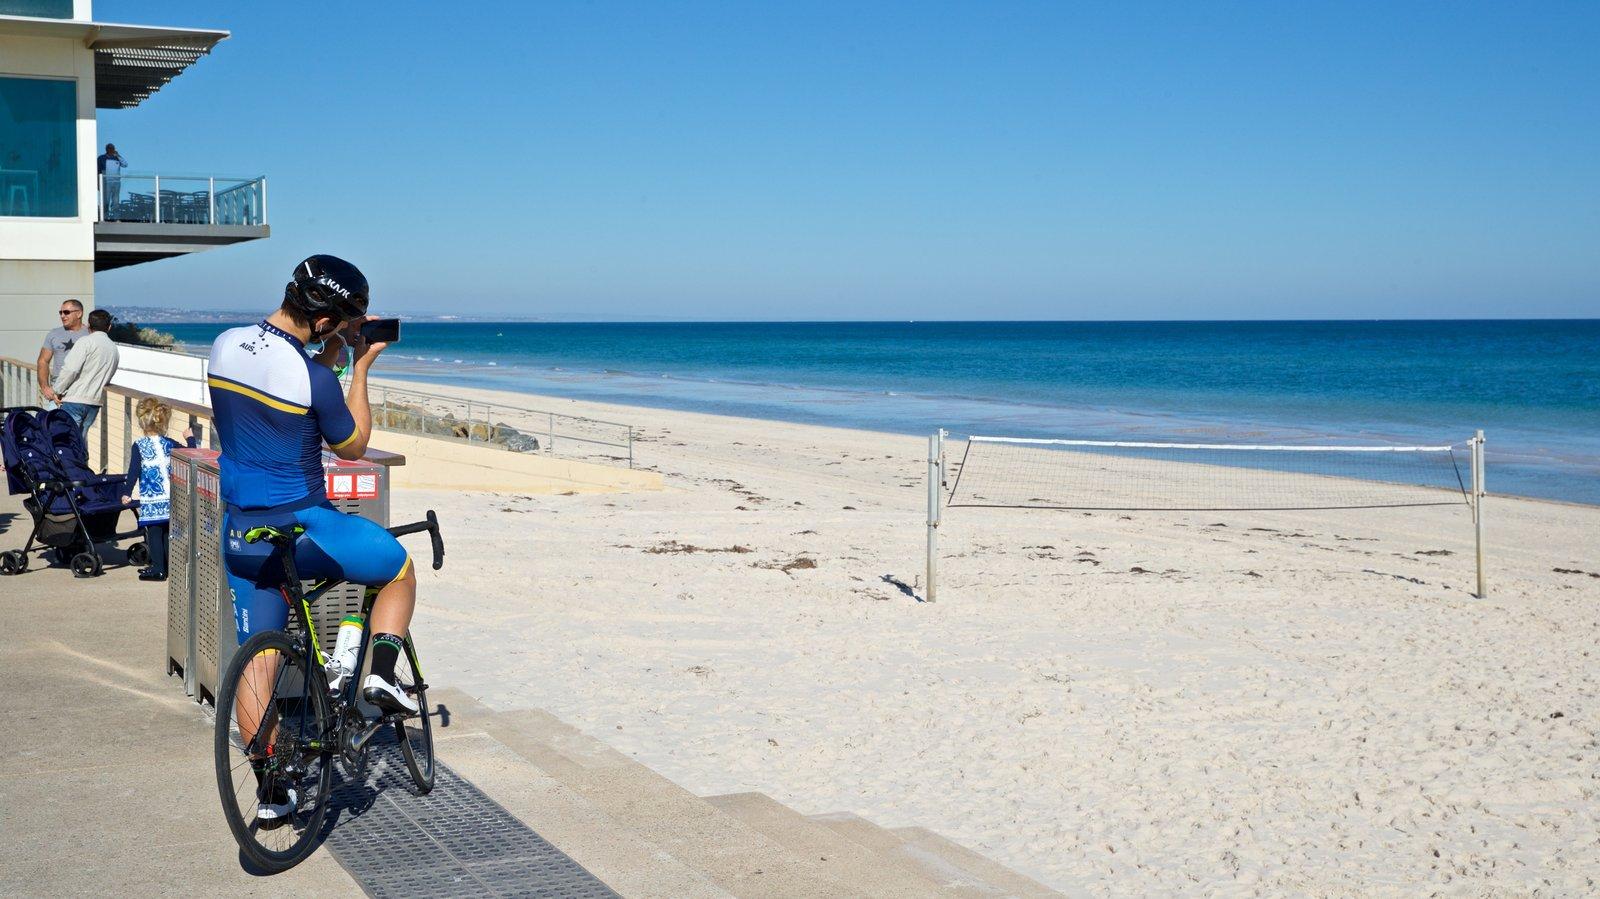 Playa Henley mostrando vistas generales de la costa y una playa y también un hombre